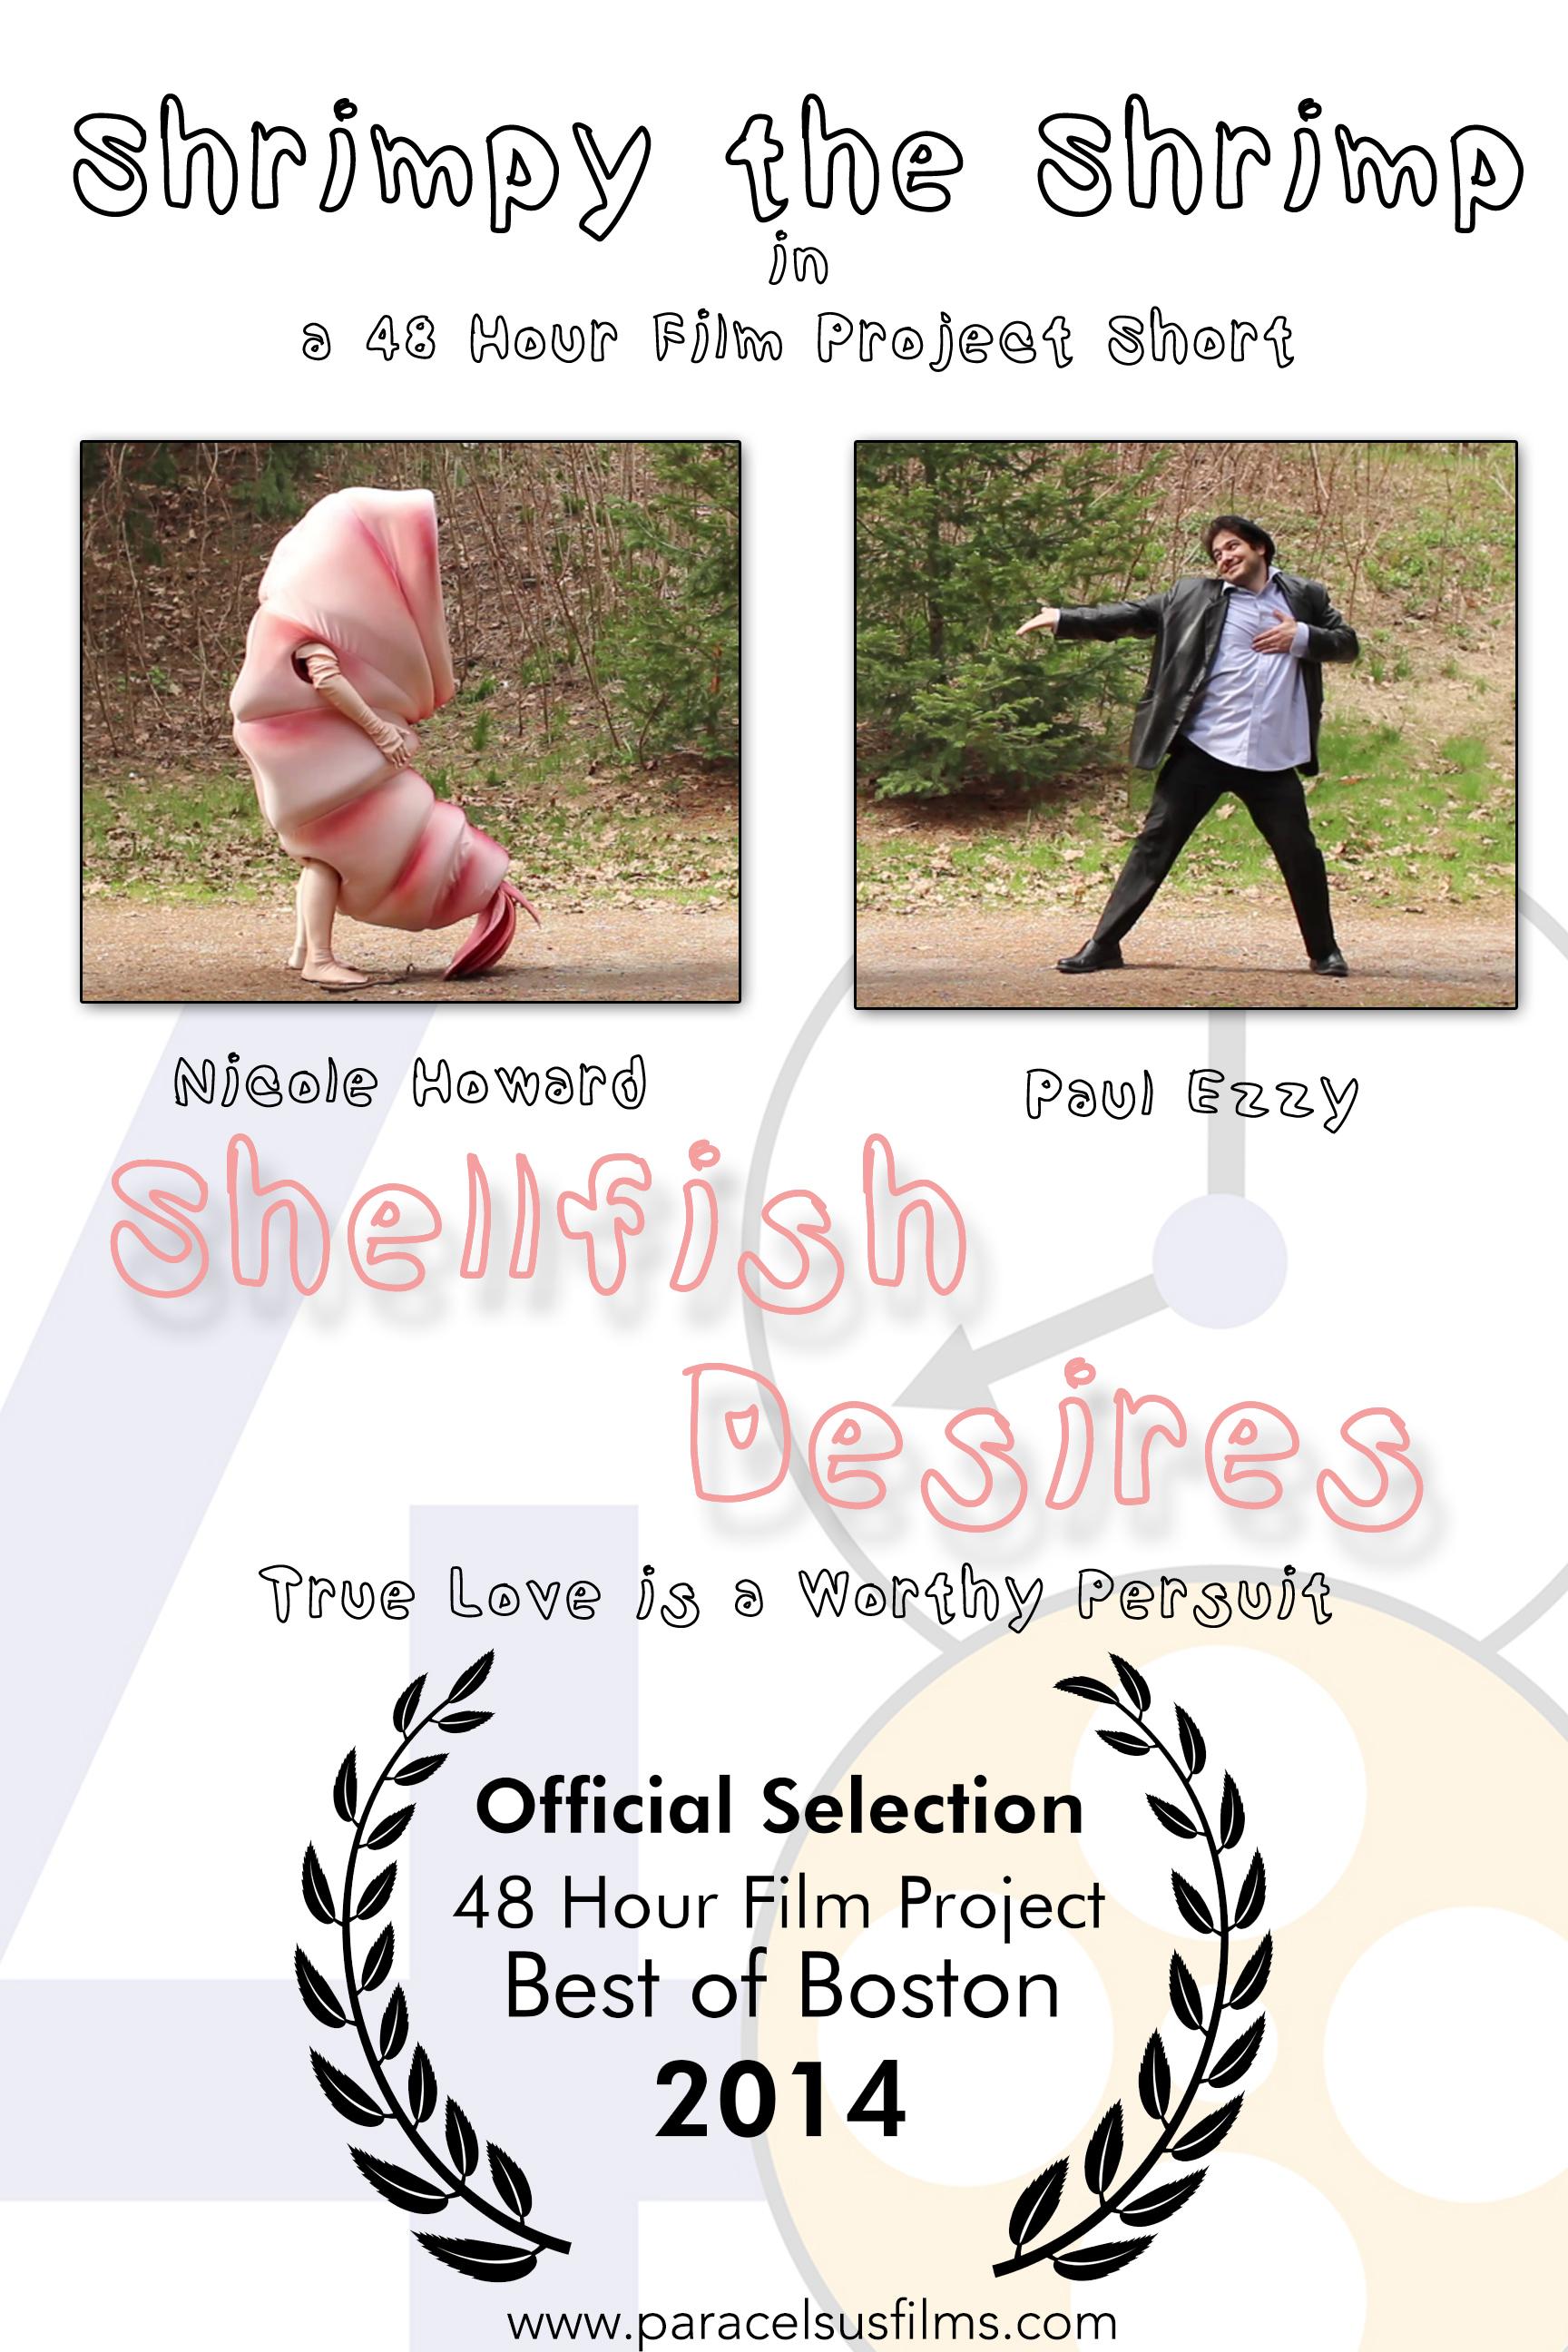 Paracelsus Films Presents Shellfish Desires